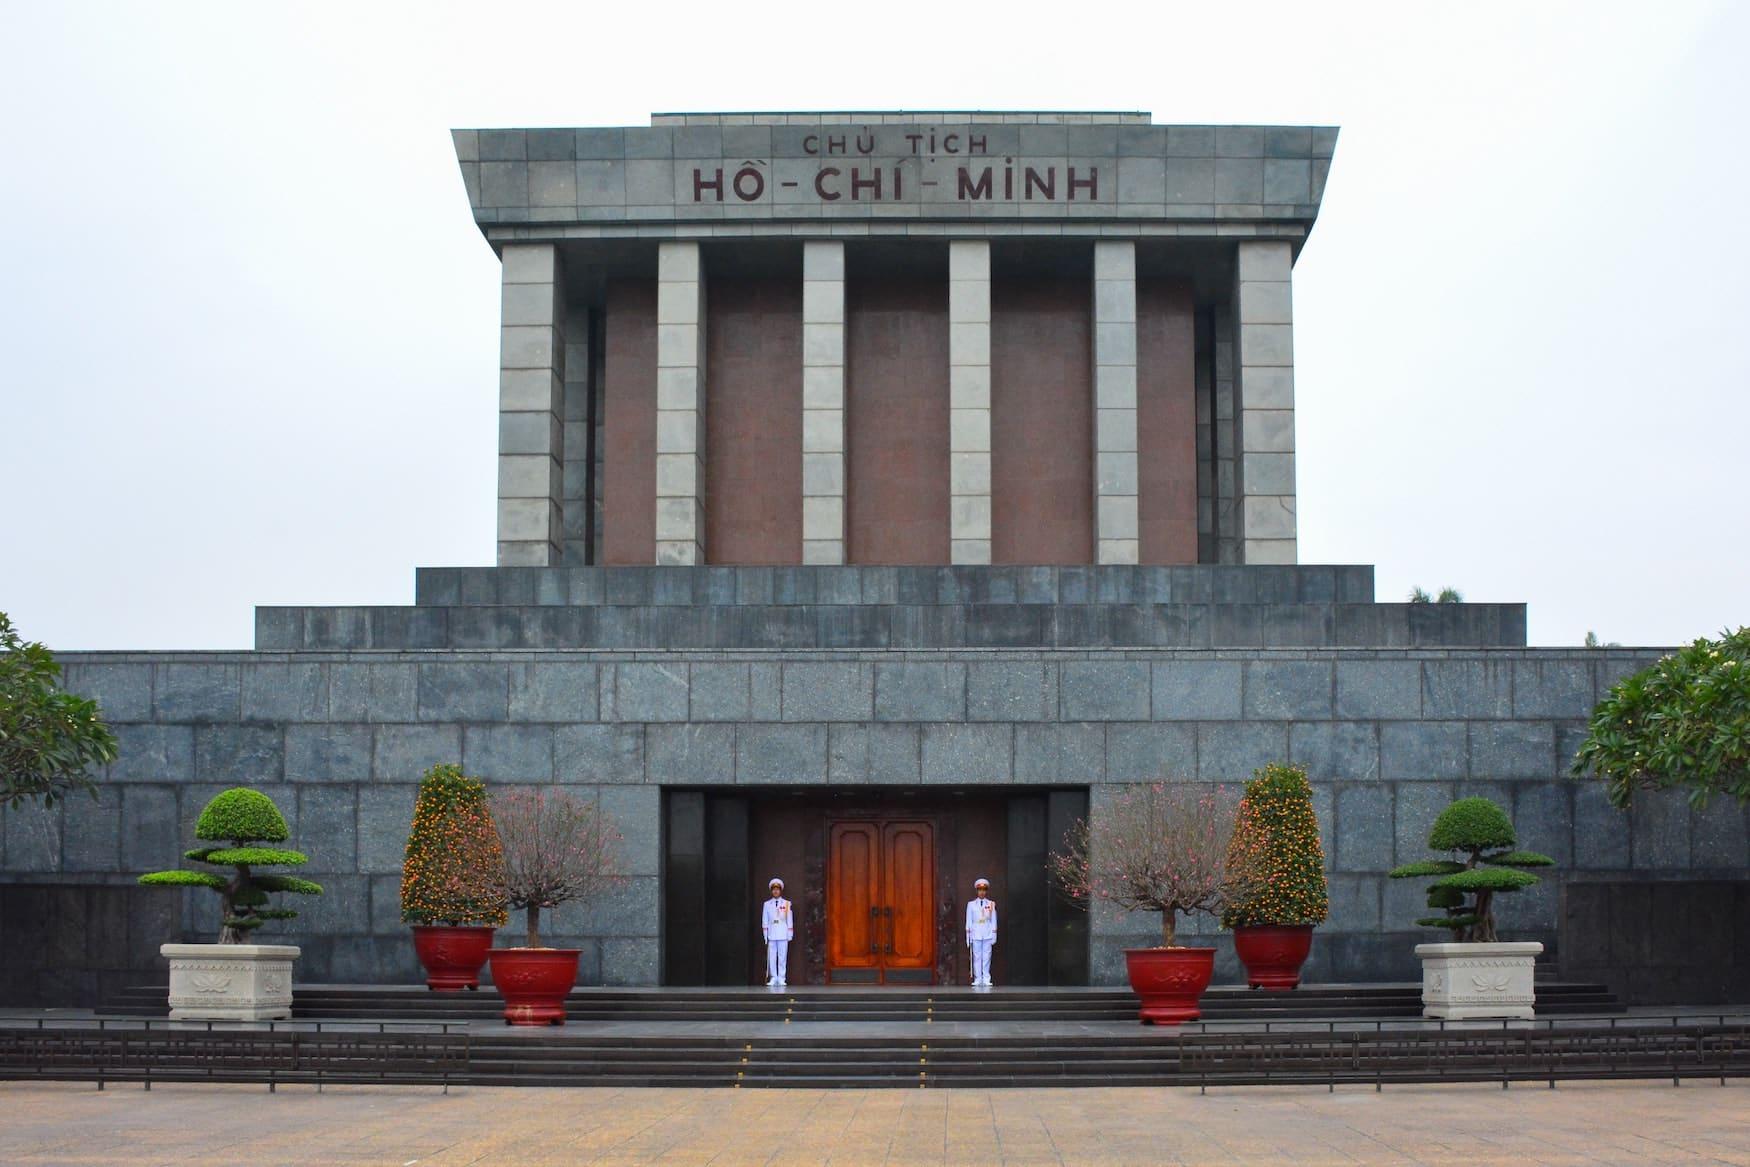 Ho-Chi-Minh Mausoleum von außen